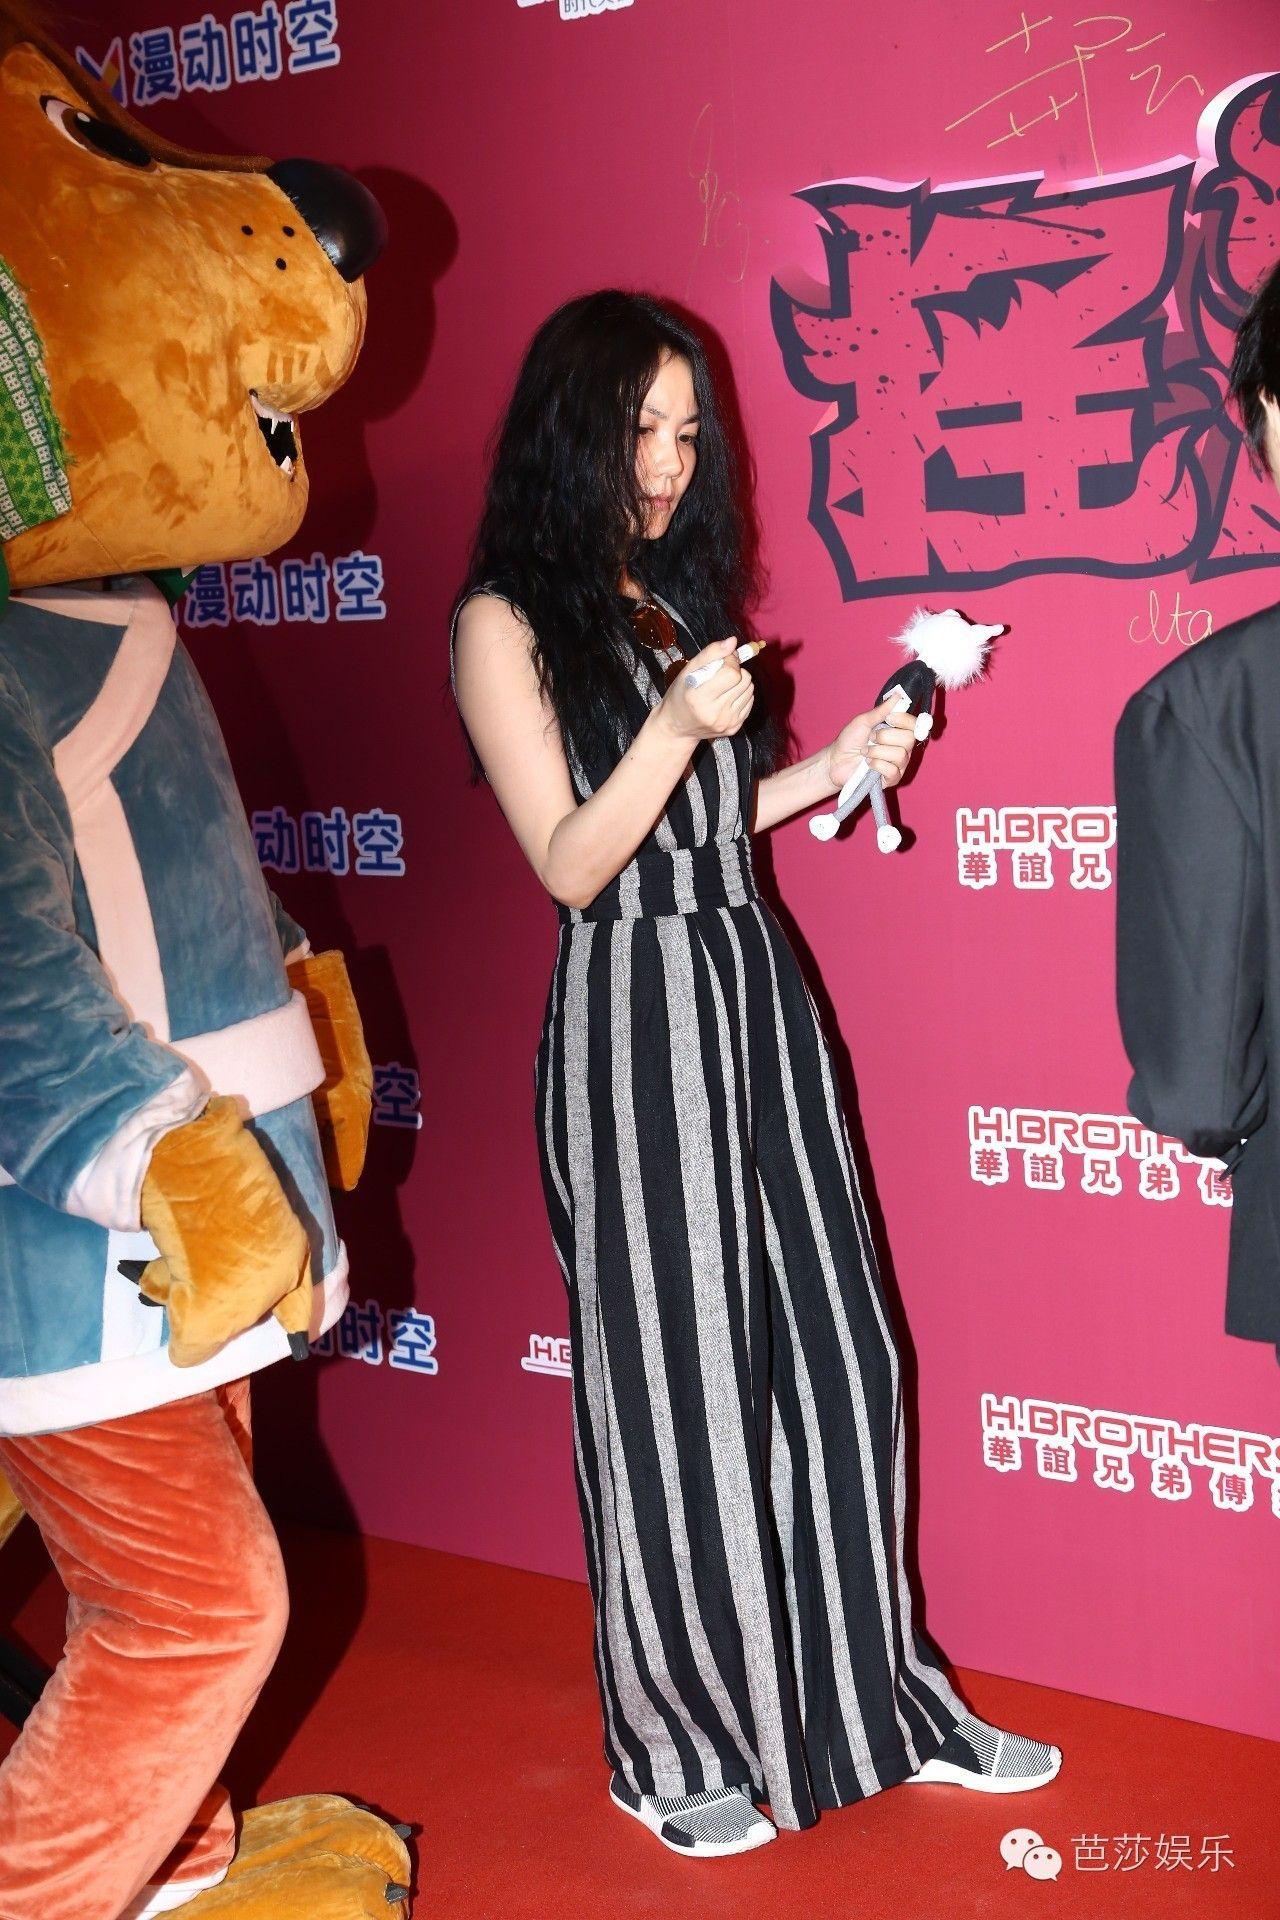 每日星范|王菲天后在穿的条纹装,高冷时髦还是萌萌哒都齐了!